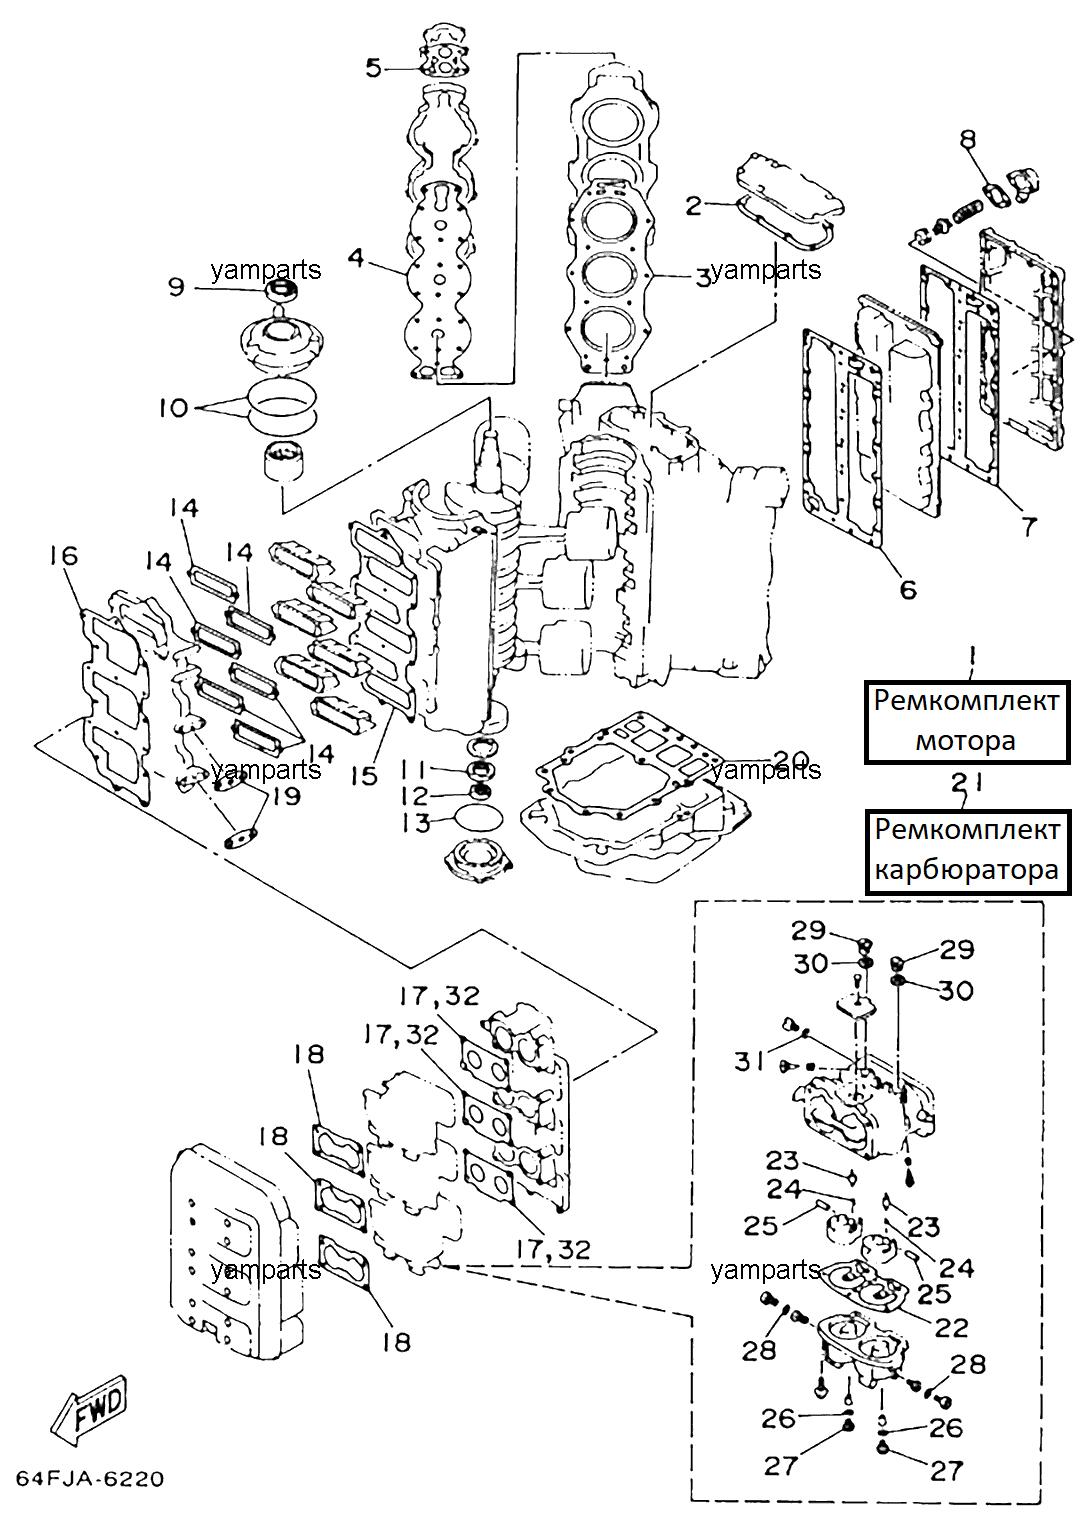 Комплекты ремонтные (мотора и карбюратора)